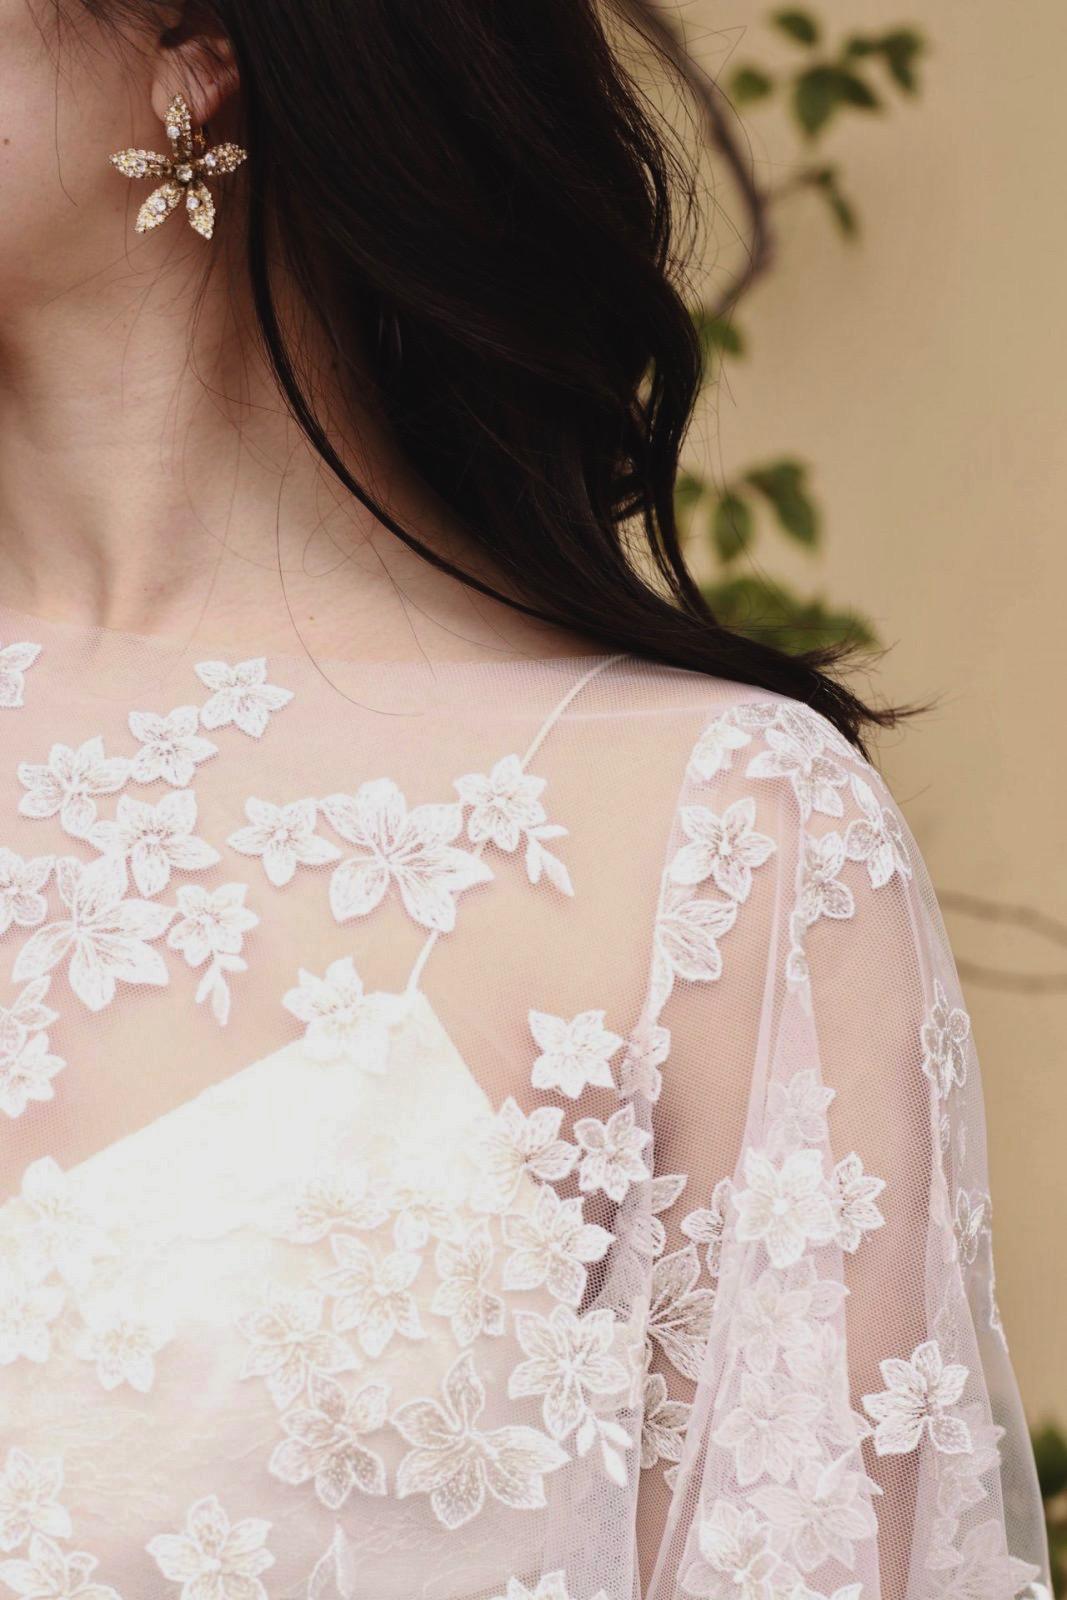 小花の美しいケープのようなボレロには、おしゃれ花嫁に人気のジェニファーベアのゴールドのイヤリングを合わせました。